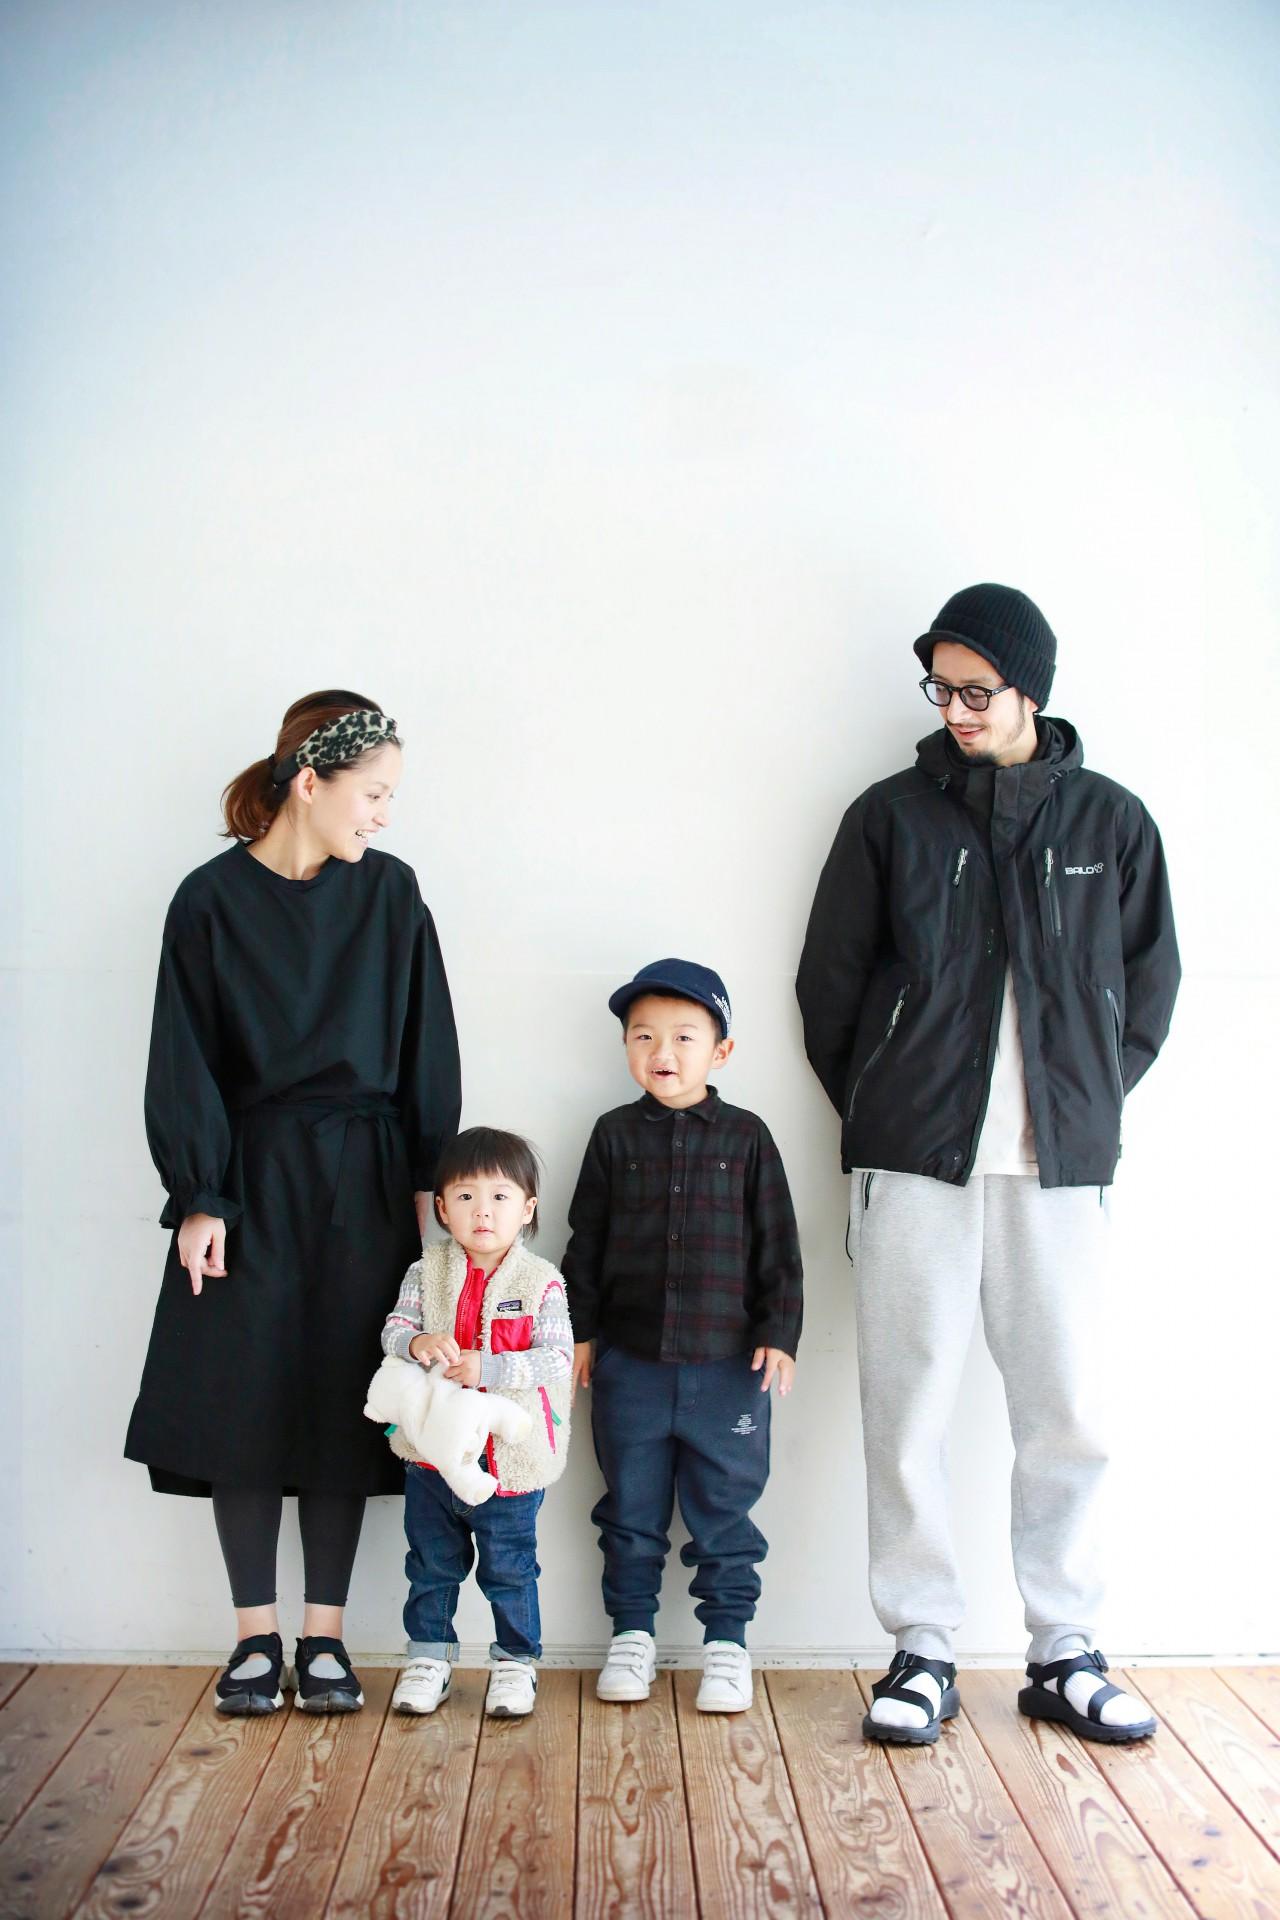 フォトナギの10年アルバム撮影